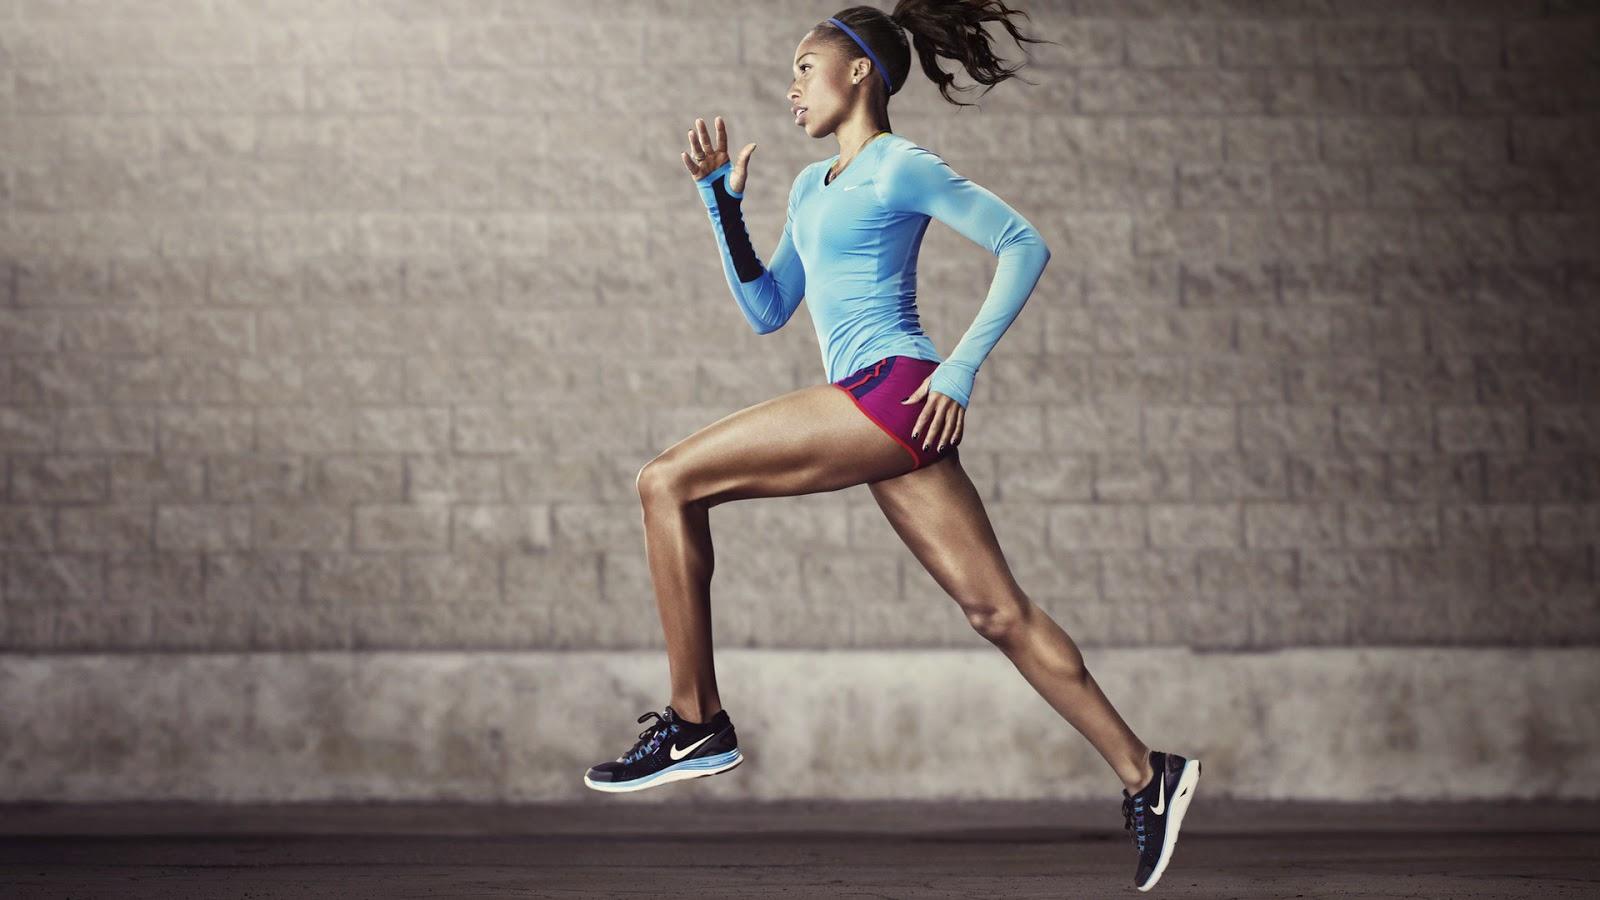 running-motion-1